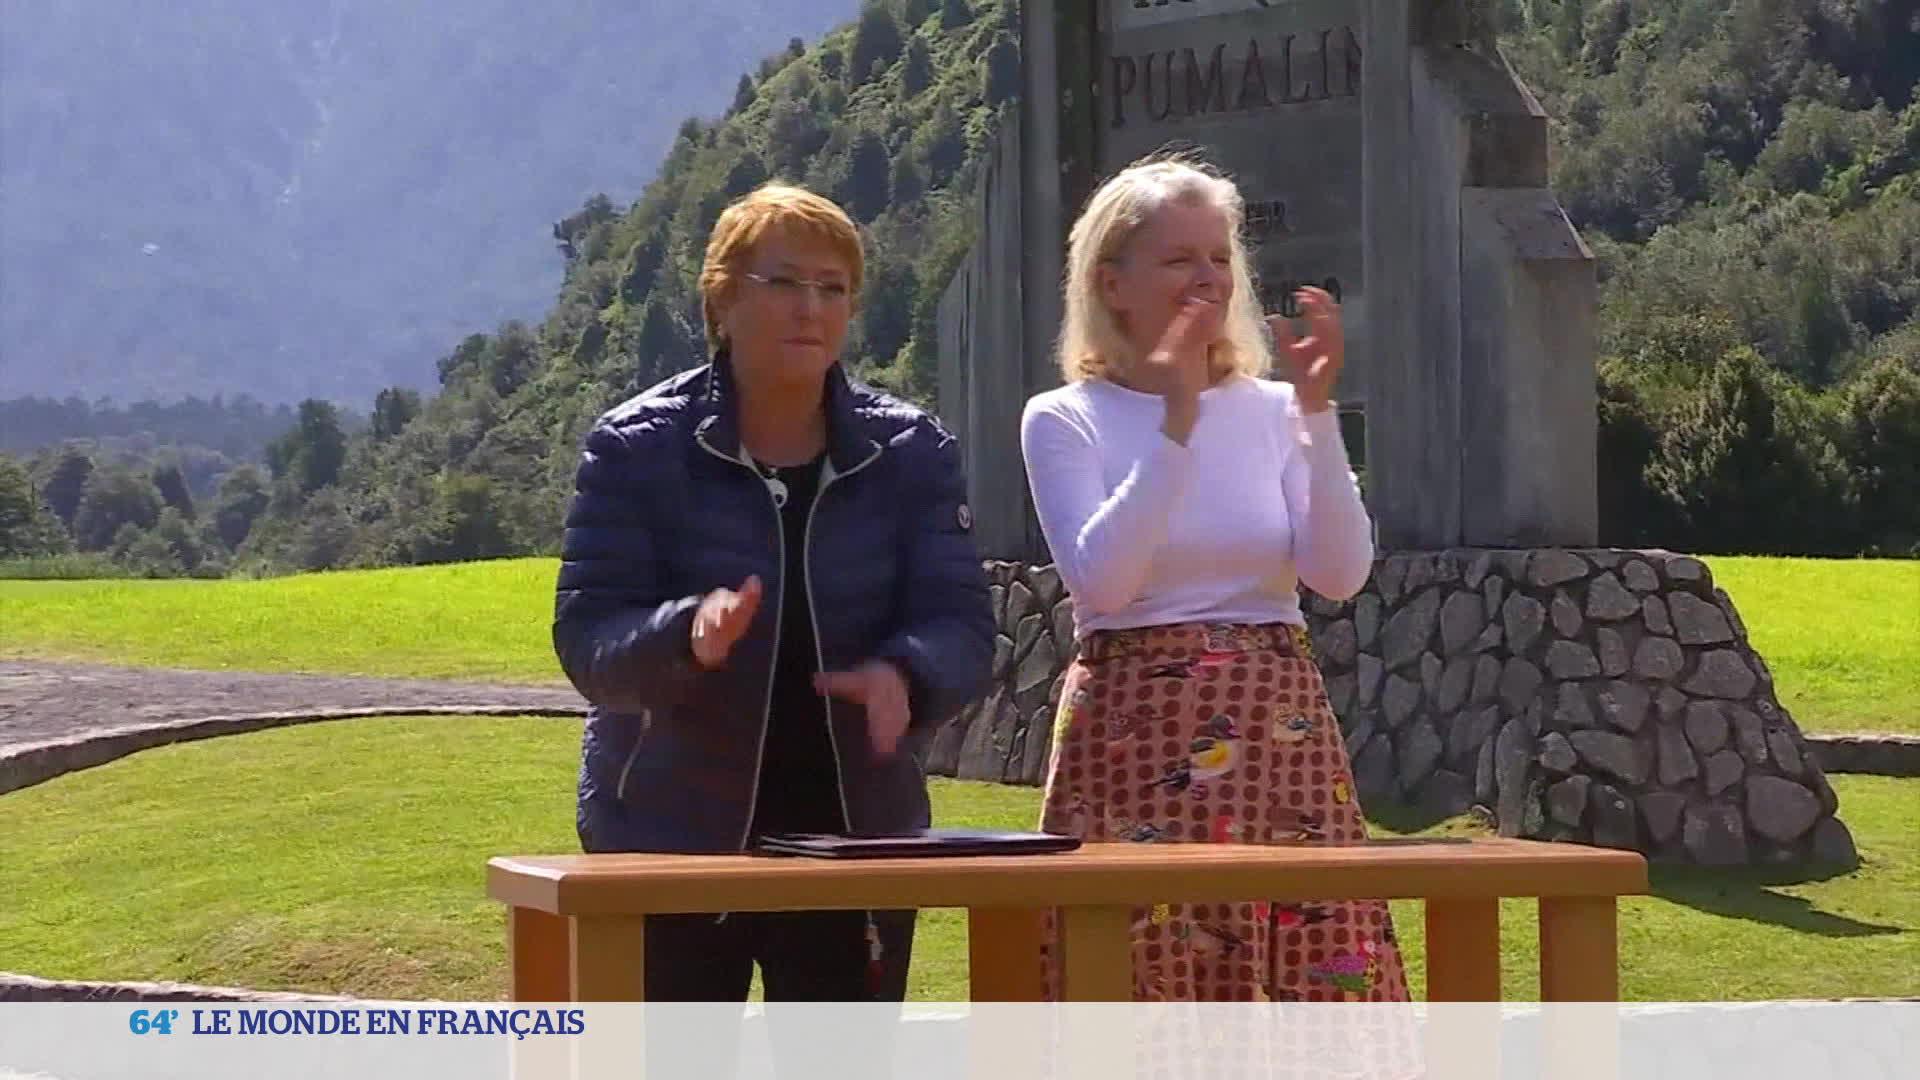 La plus grande donation de terres en Chili